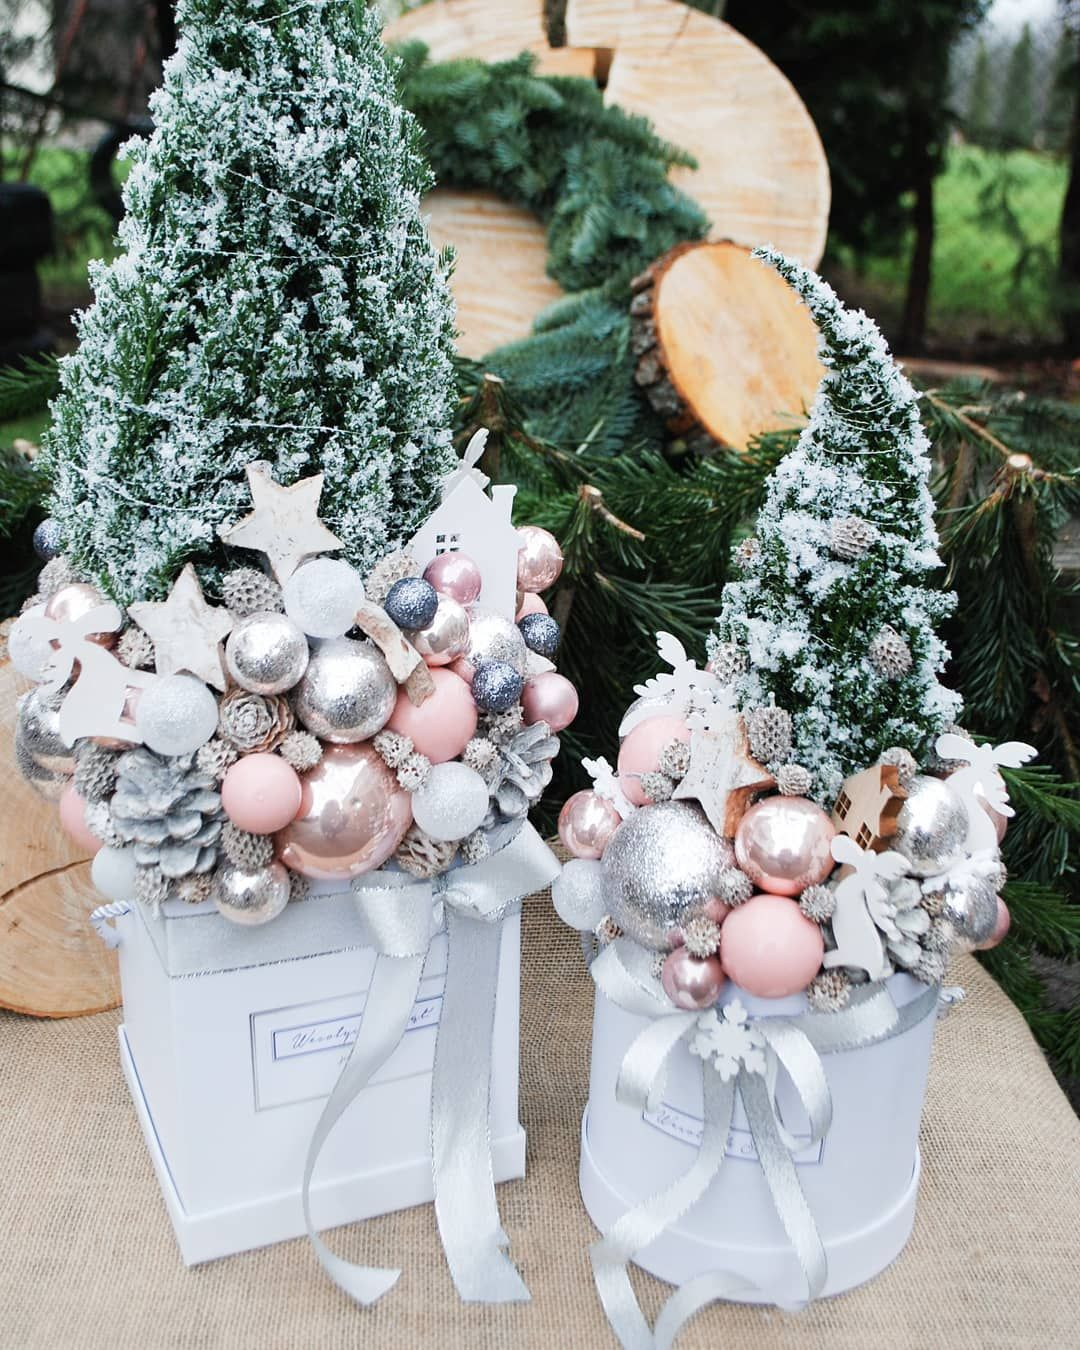 Choinki W Kolorystyce Pudrowy Roz Srebro Biel Duza 60cm I Mini 30 Cm Zapraszamy Christmas Wreaths Holiday Decor Decor